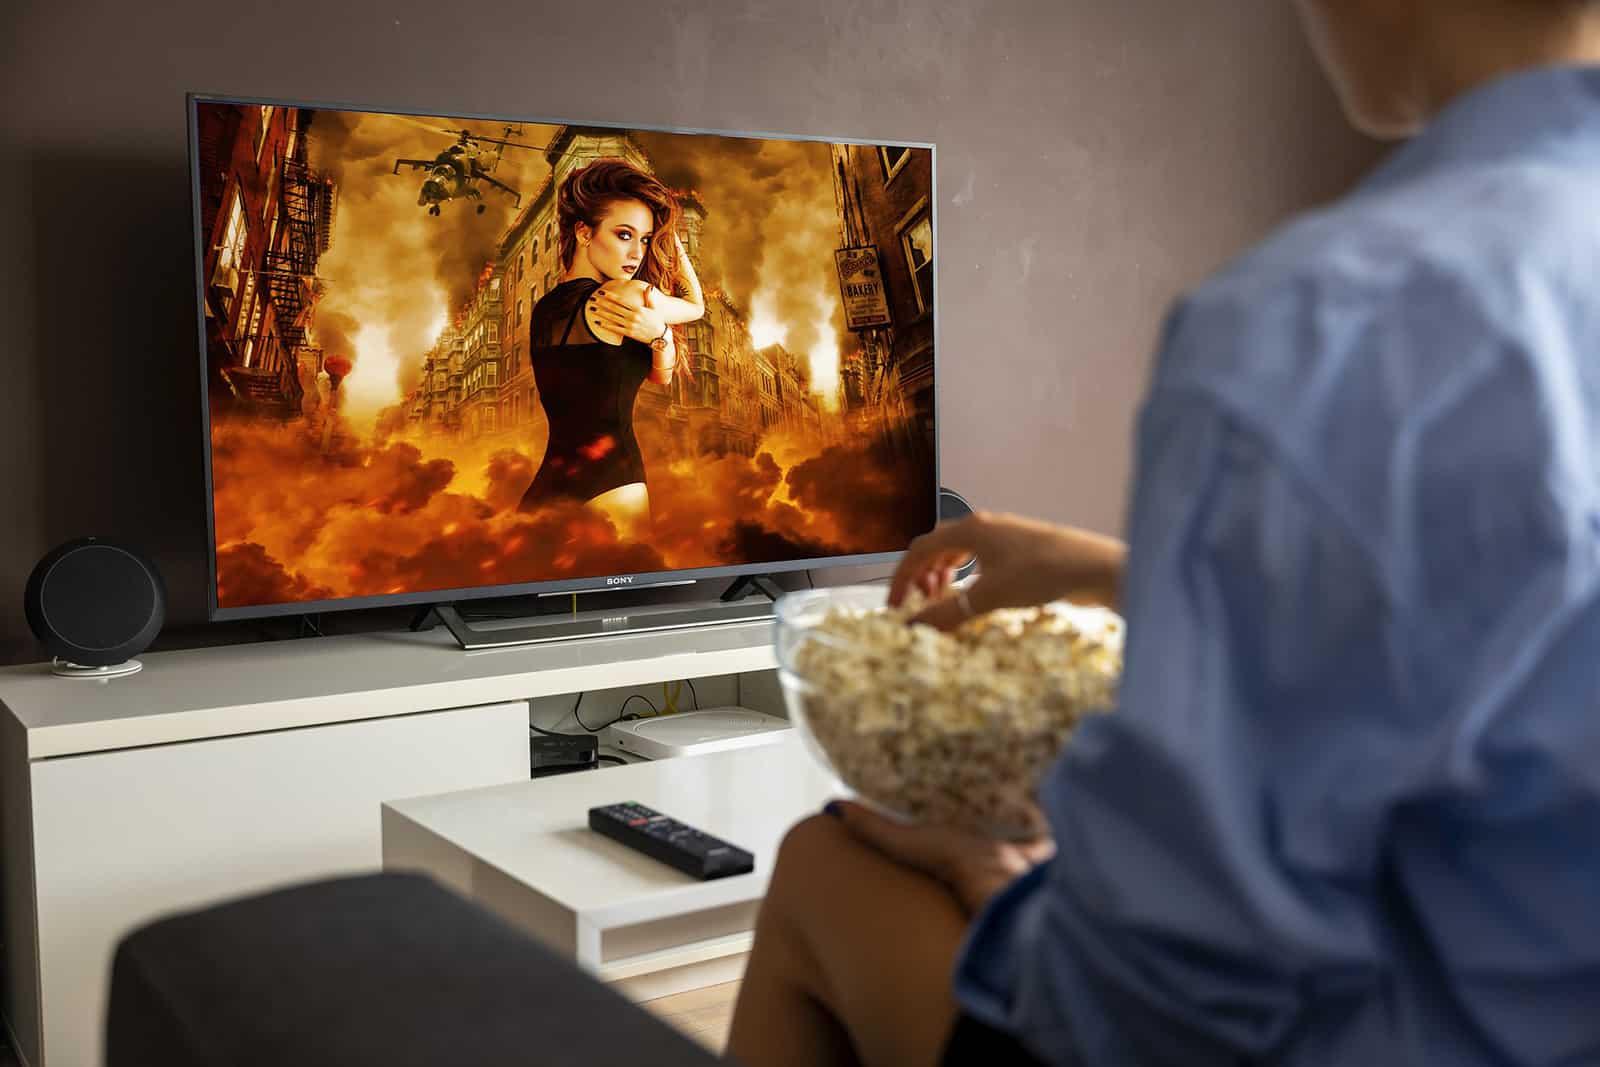 eine Frau, die vor dem Fernseher sitzt und einen Film sieht